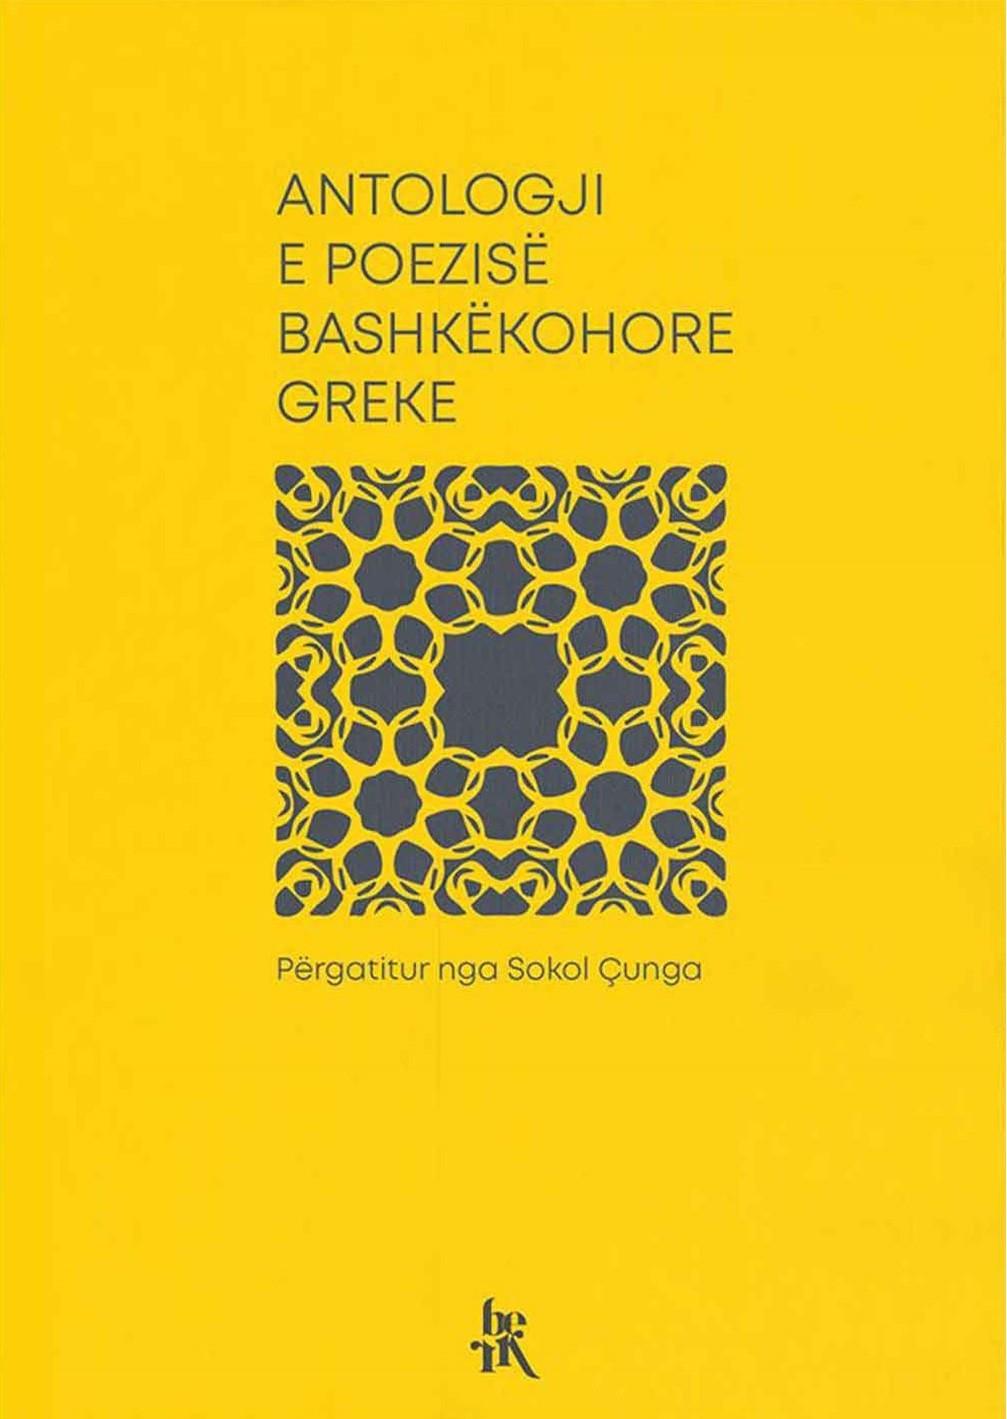 Antologji e poezise bashkekohore greke